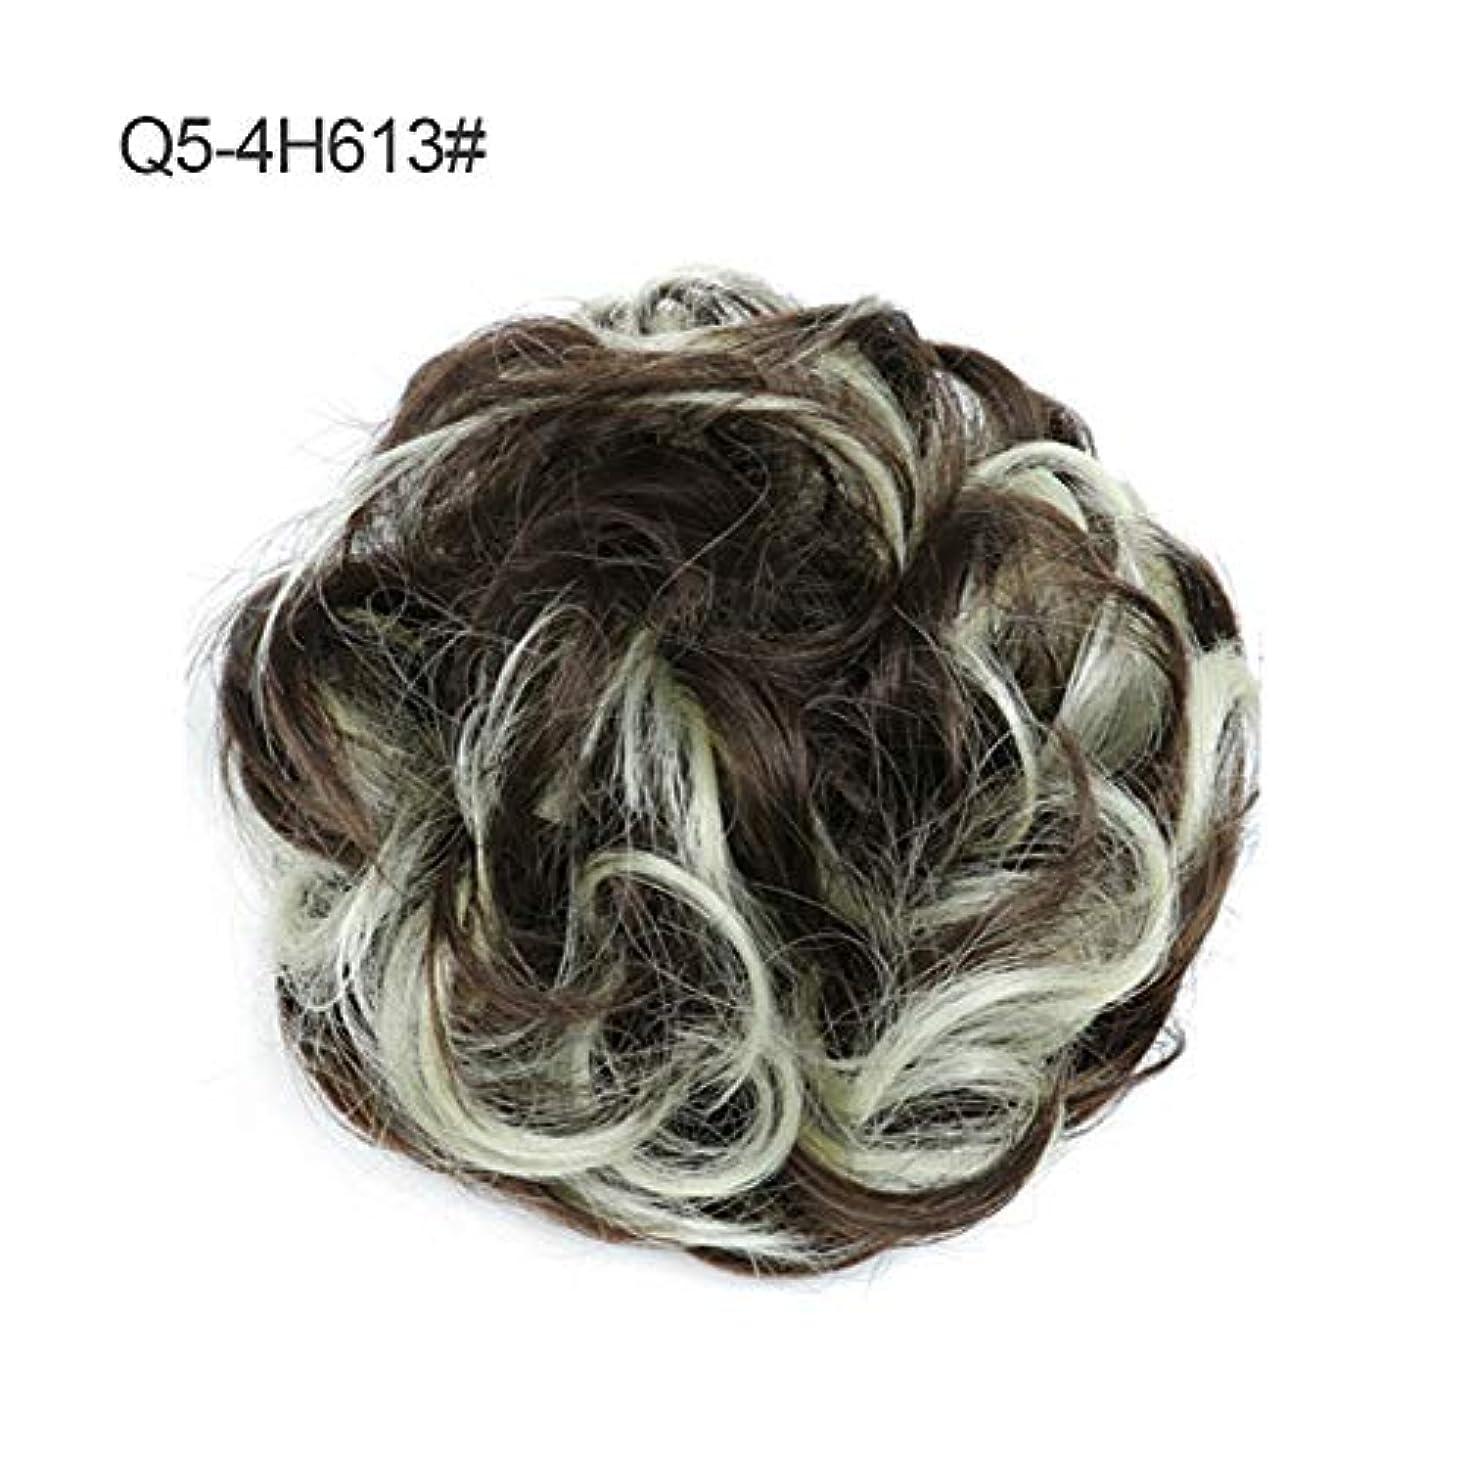 遅い失われた栄養メッシードーナツアップドポニーテールシニョンエクステンション、女性のためのカーリー波状部分シュシュ髪お団子リボンアクセサリー